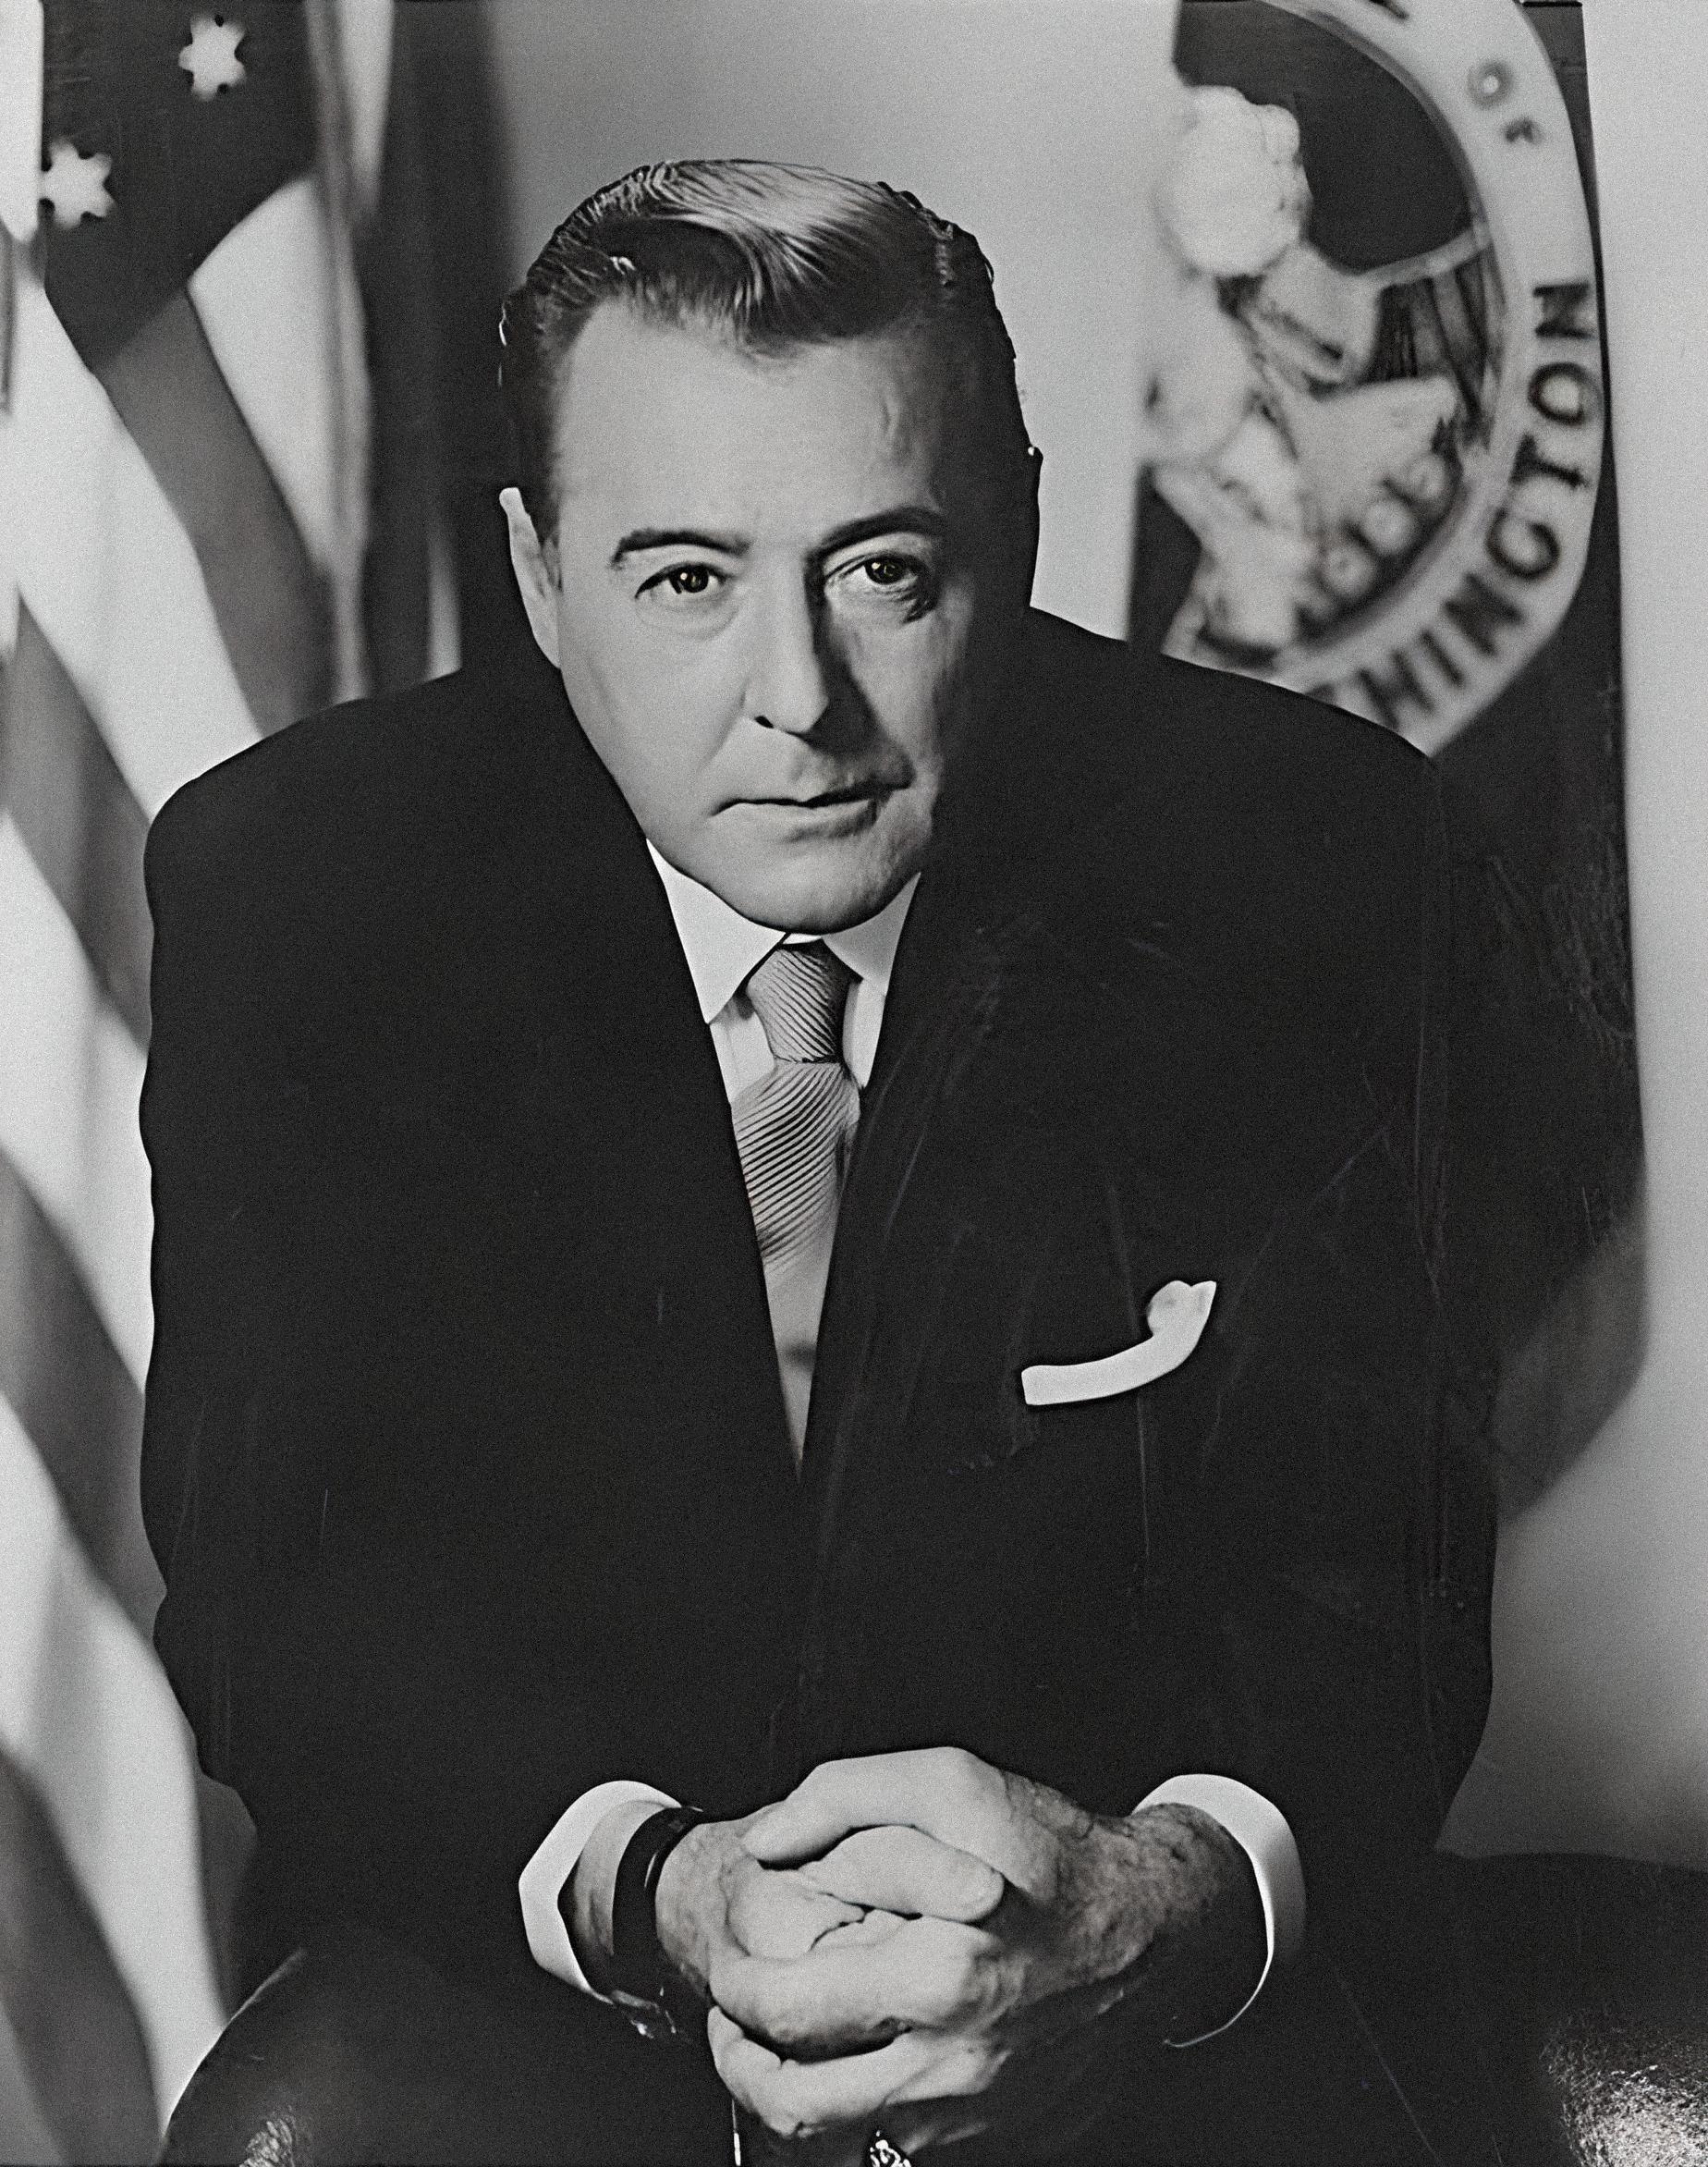 Photograph of Warren G. Magnuson